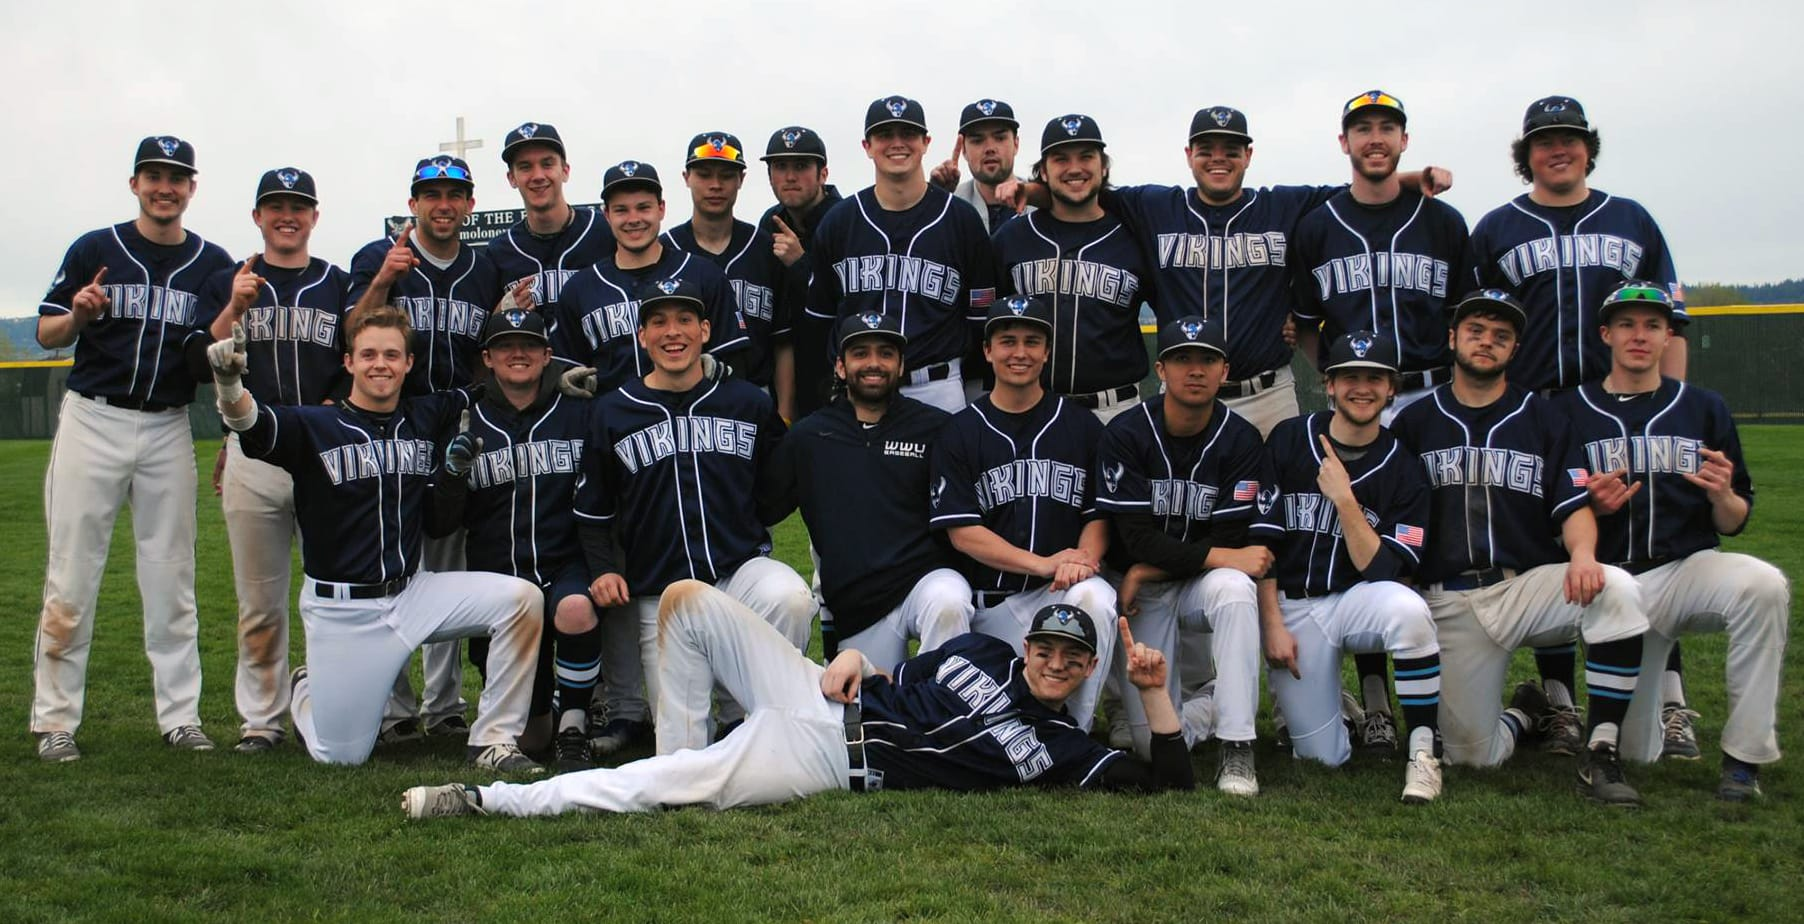 2018 WWU Baseball Team